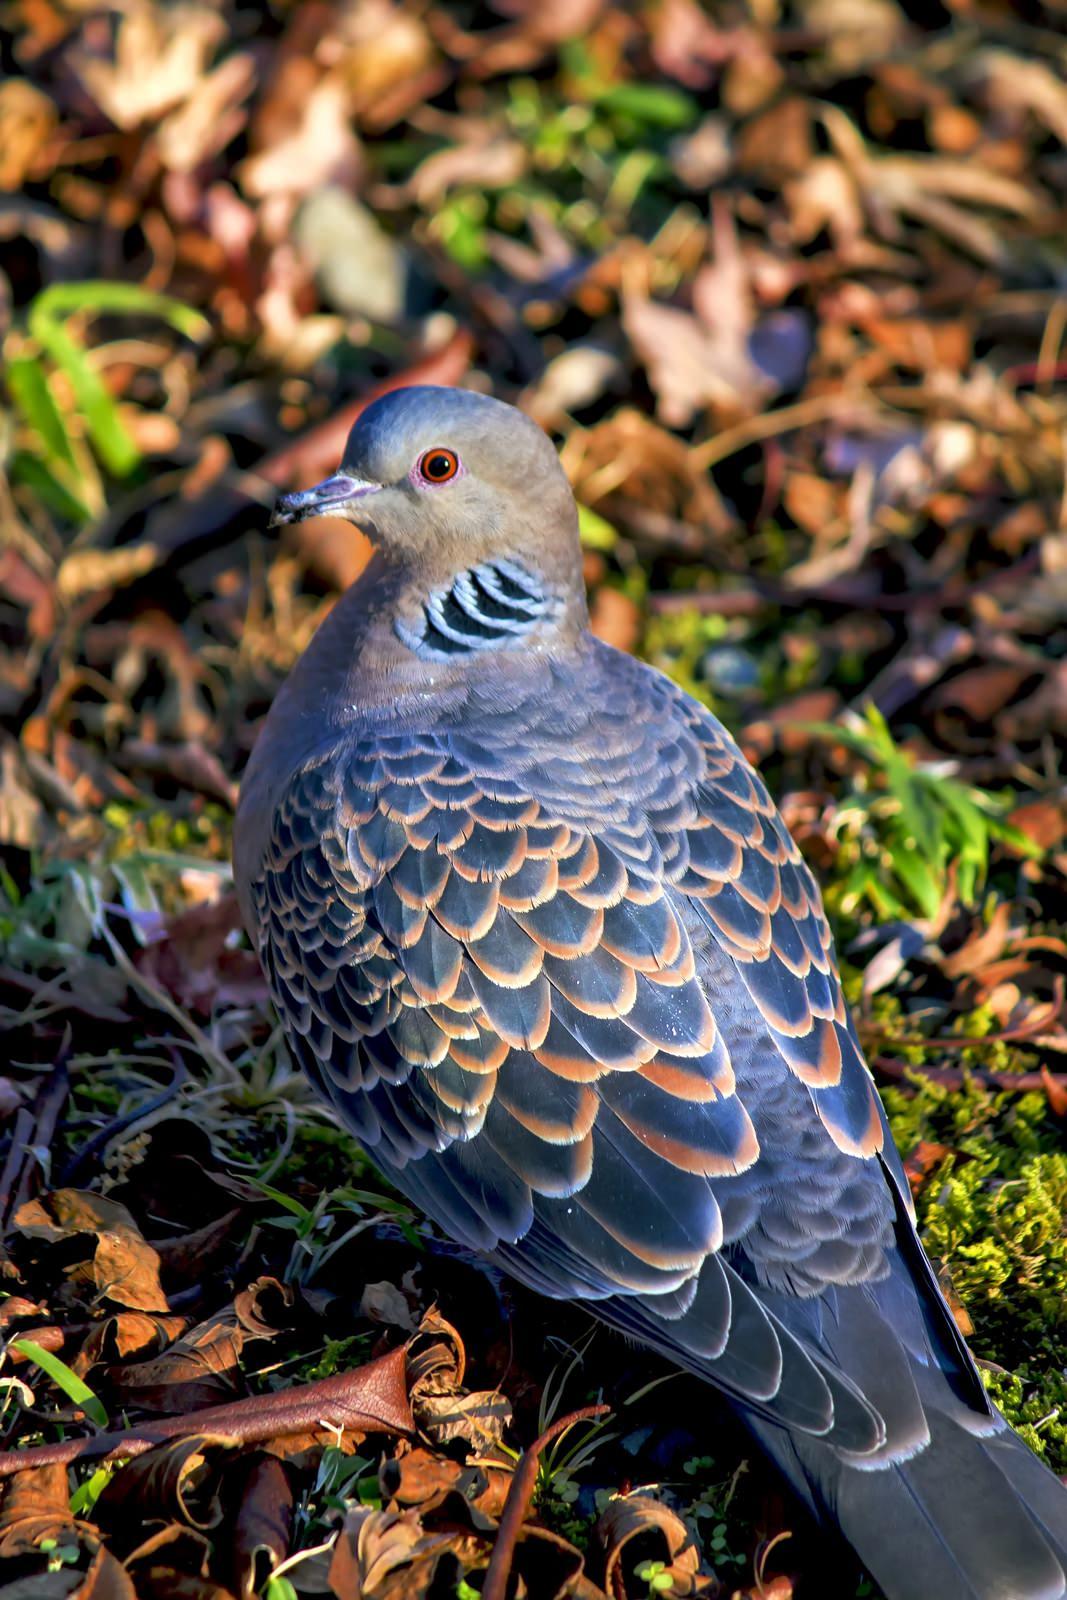 いつも見かける日本の鳩 種類って違うの?|終活ねっと